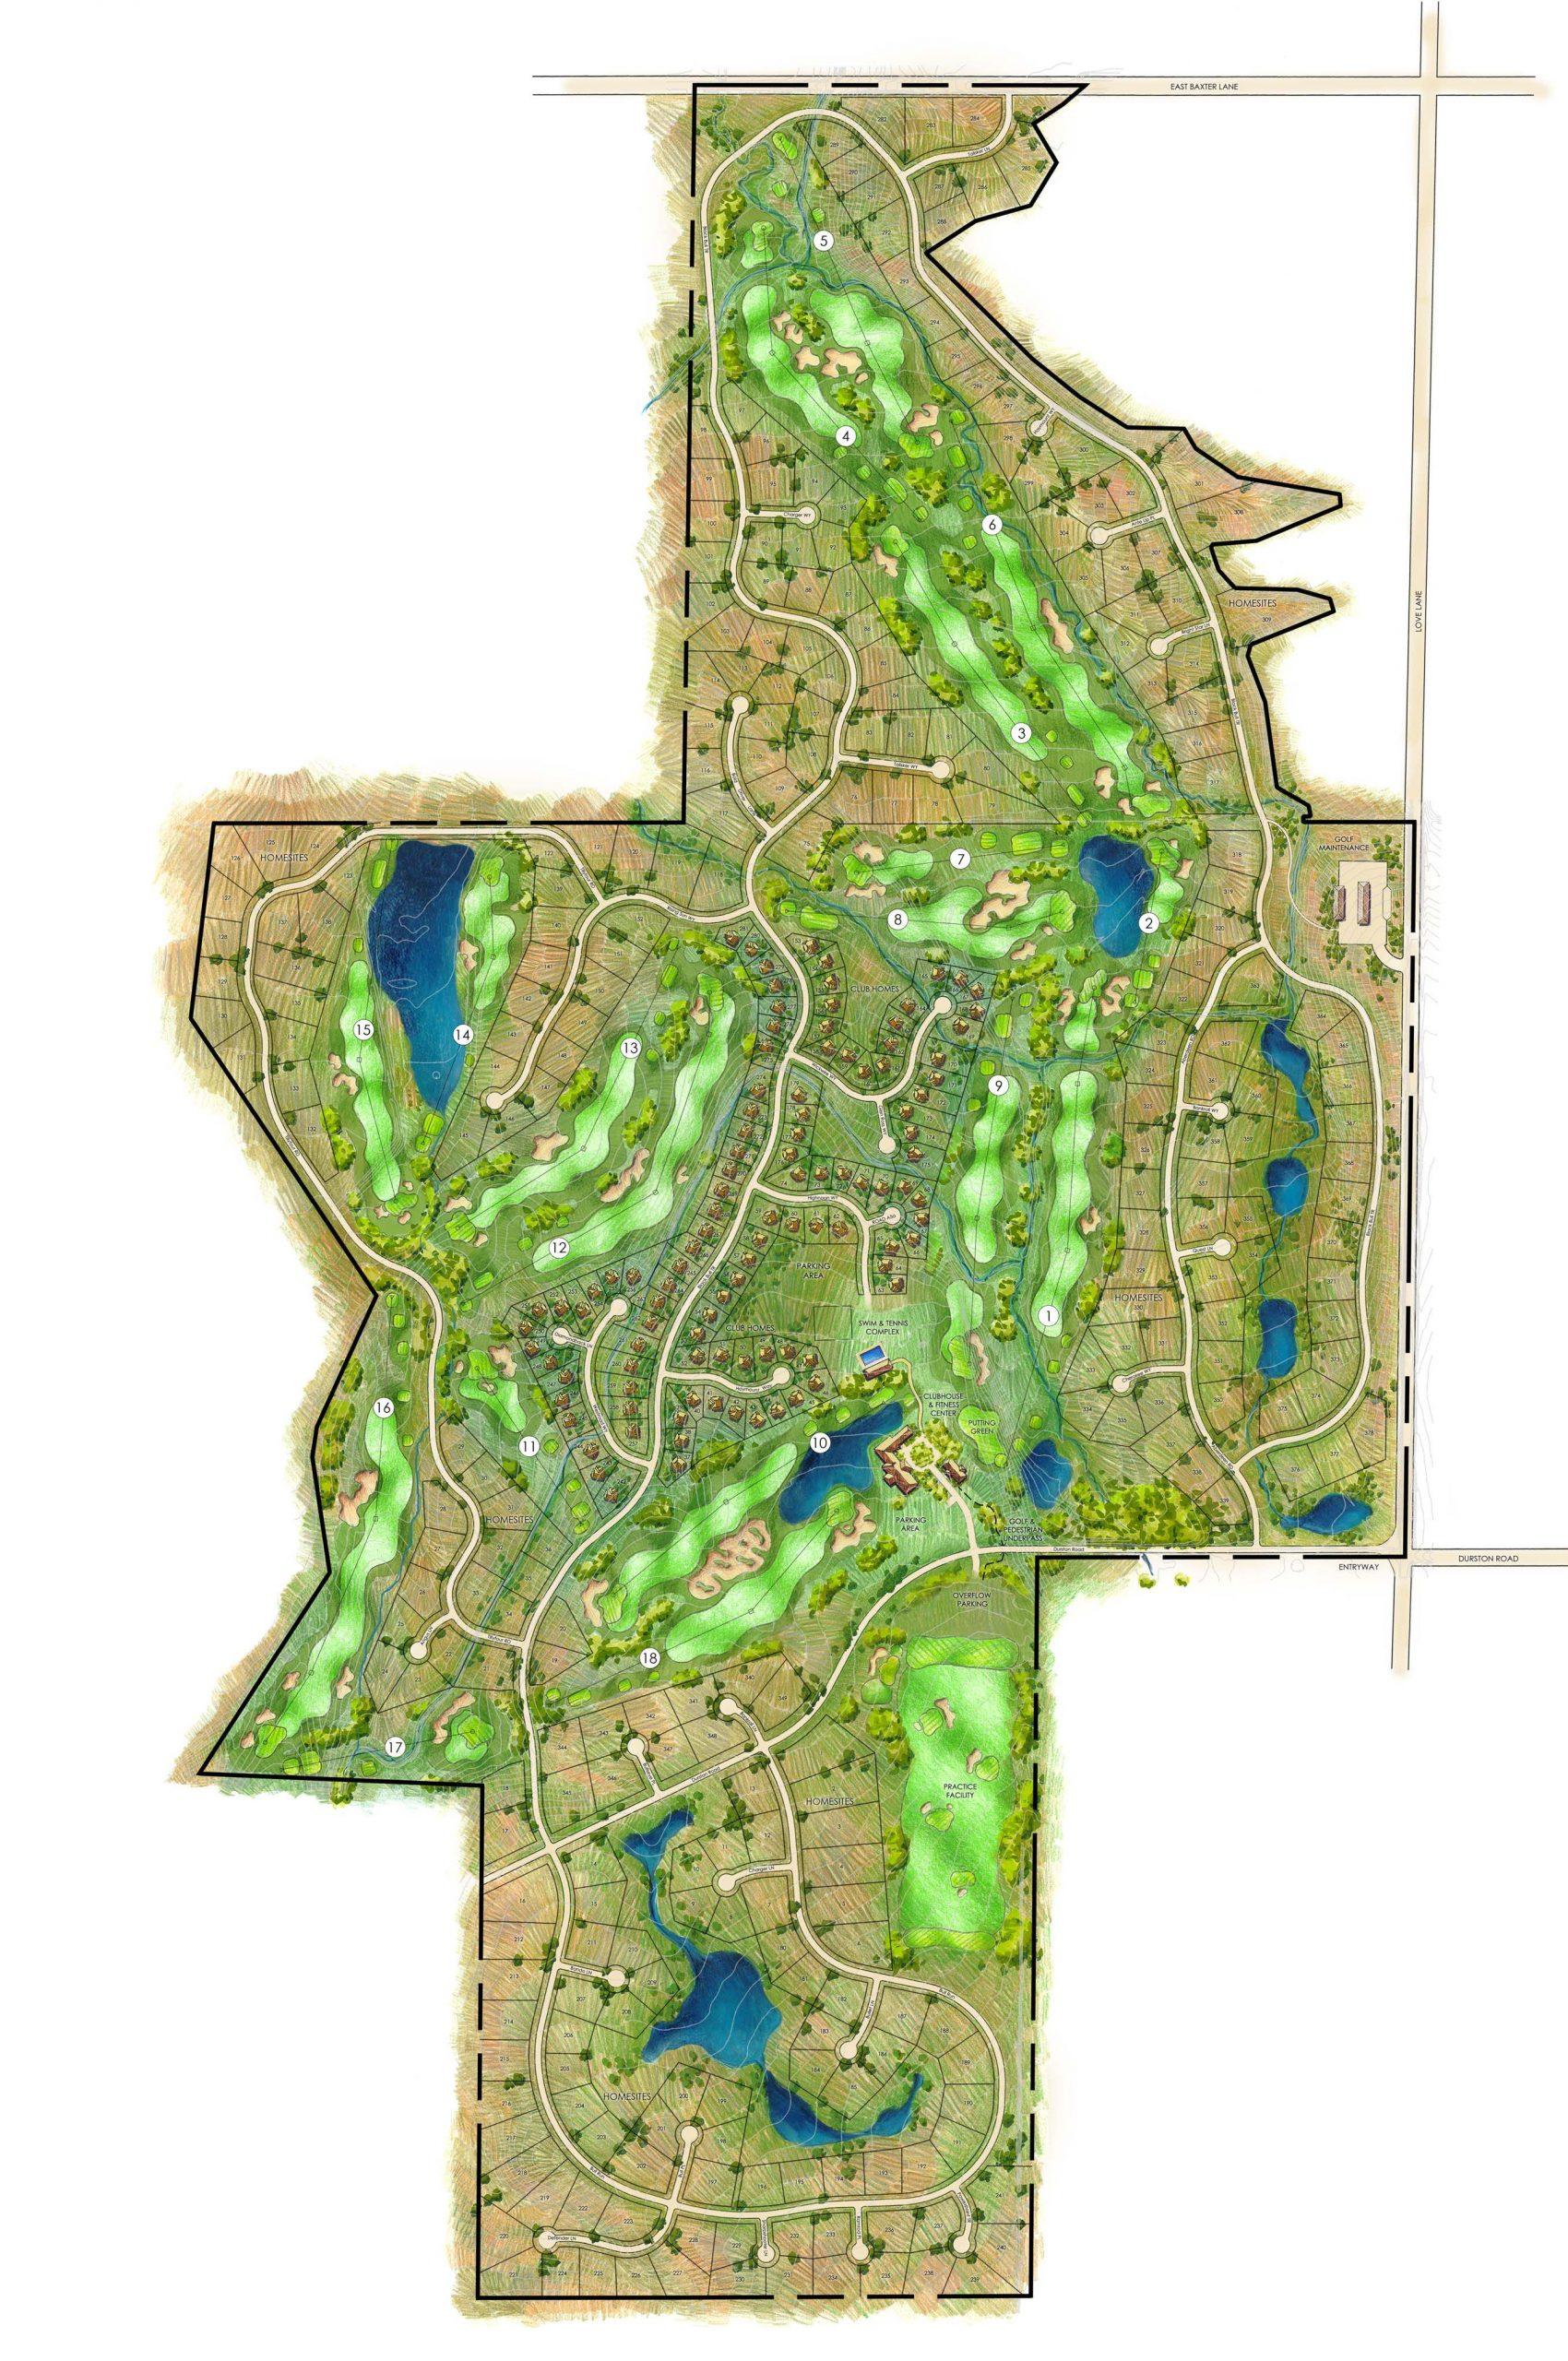 Black Bull Subdivision and Golf Course Development